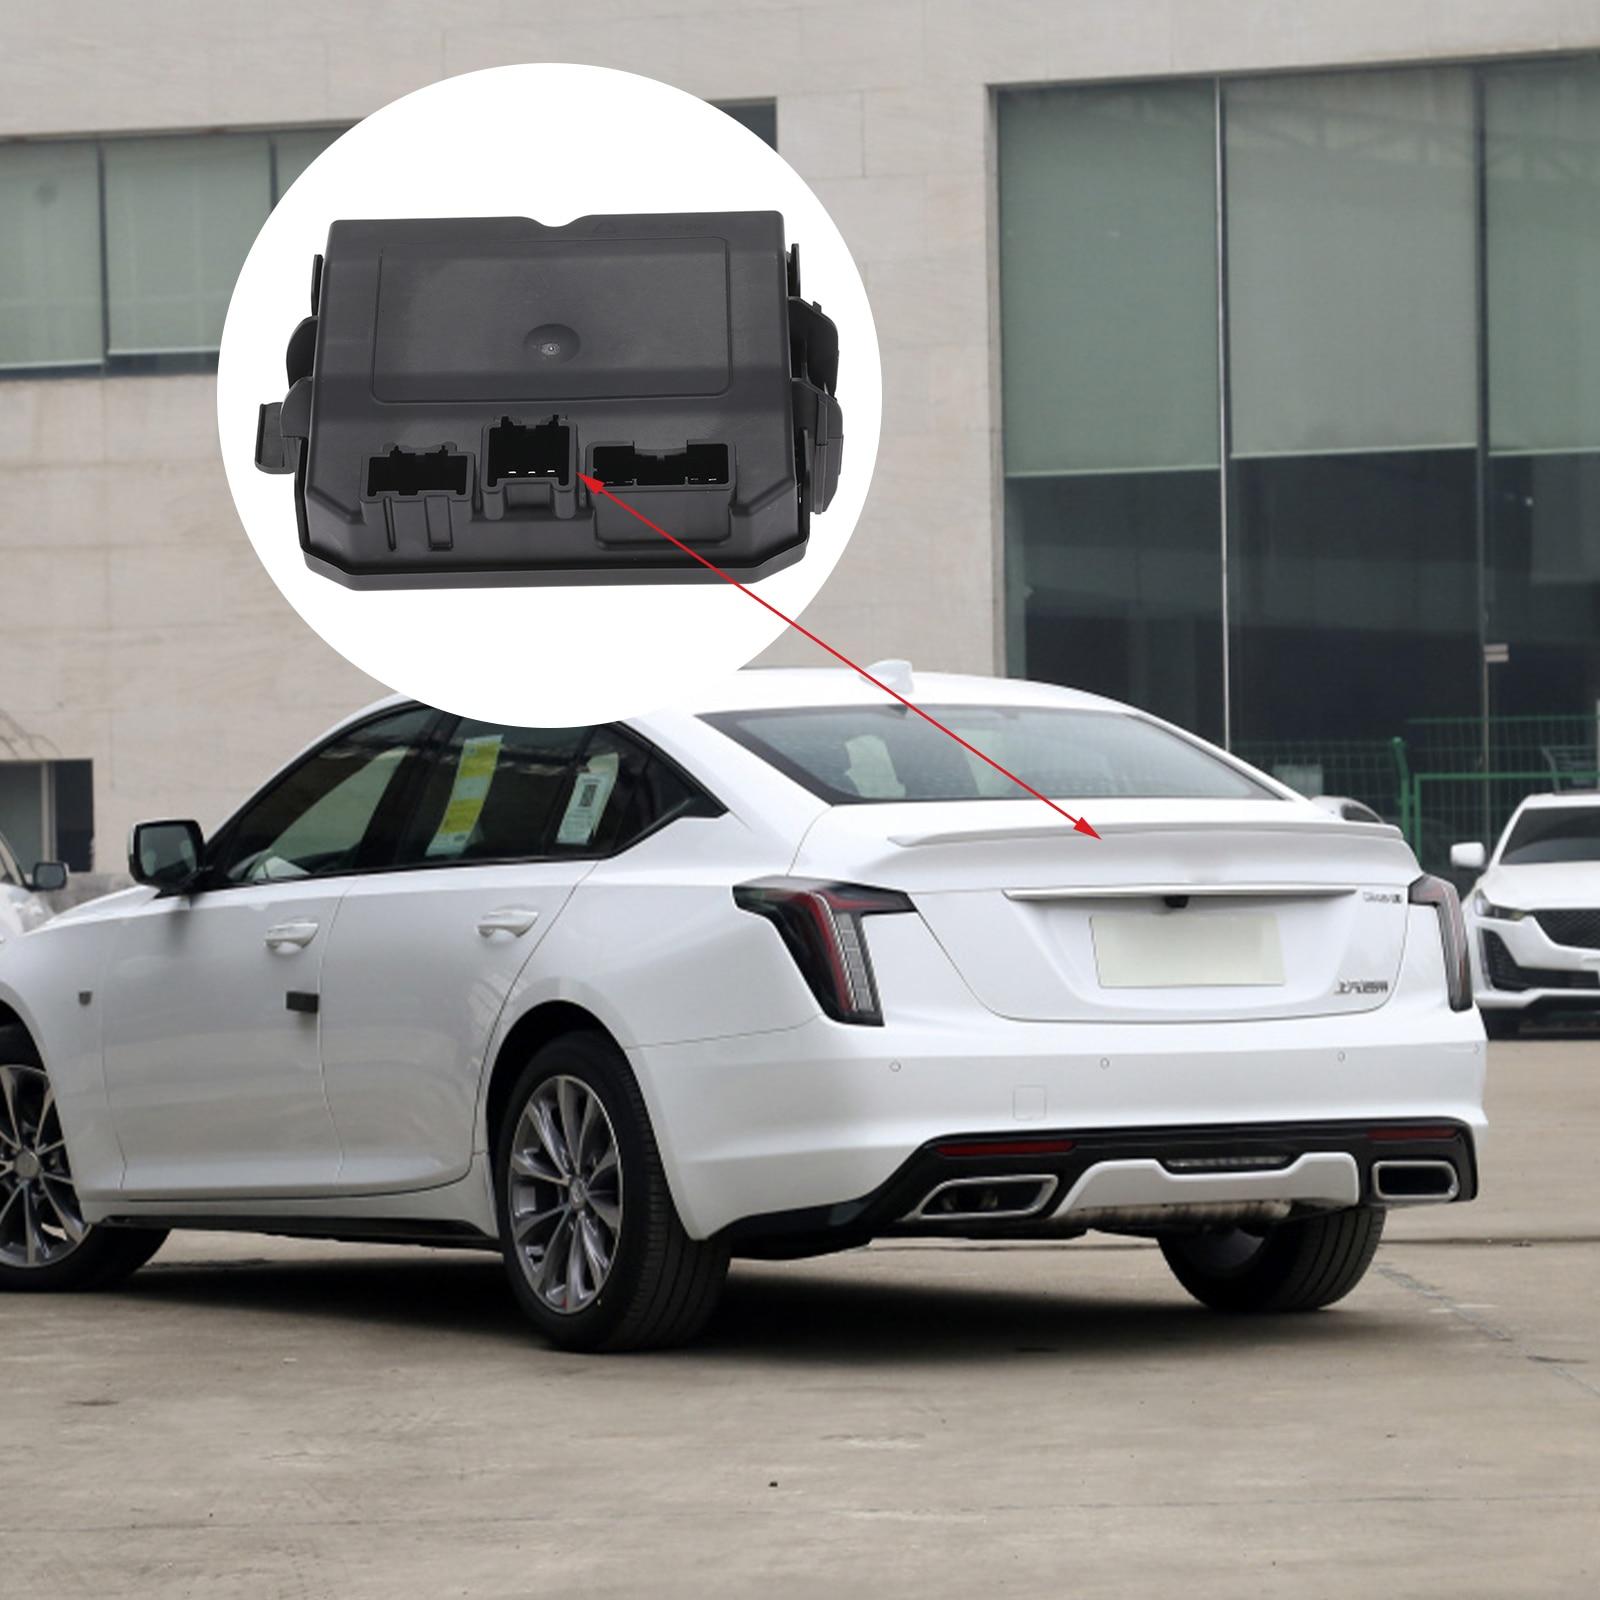 Plastic Trunk Liftgate Control Module Black Replacement Rear Lift Gate Control Module for Cadillac SRX 2010-2015 Car Automobile enlarge